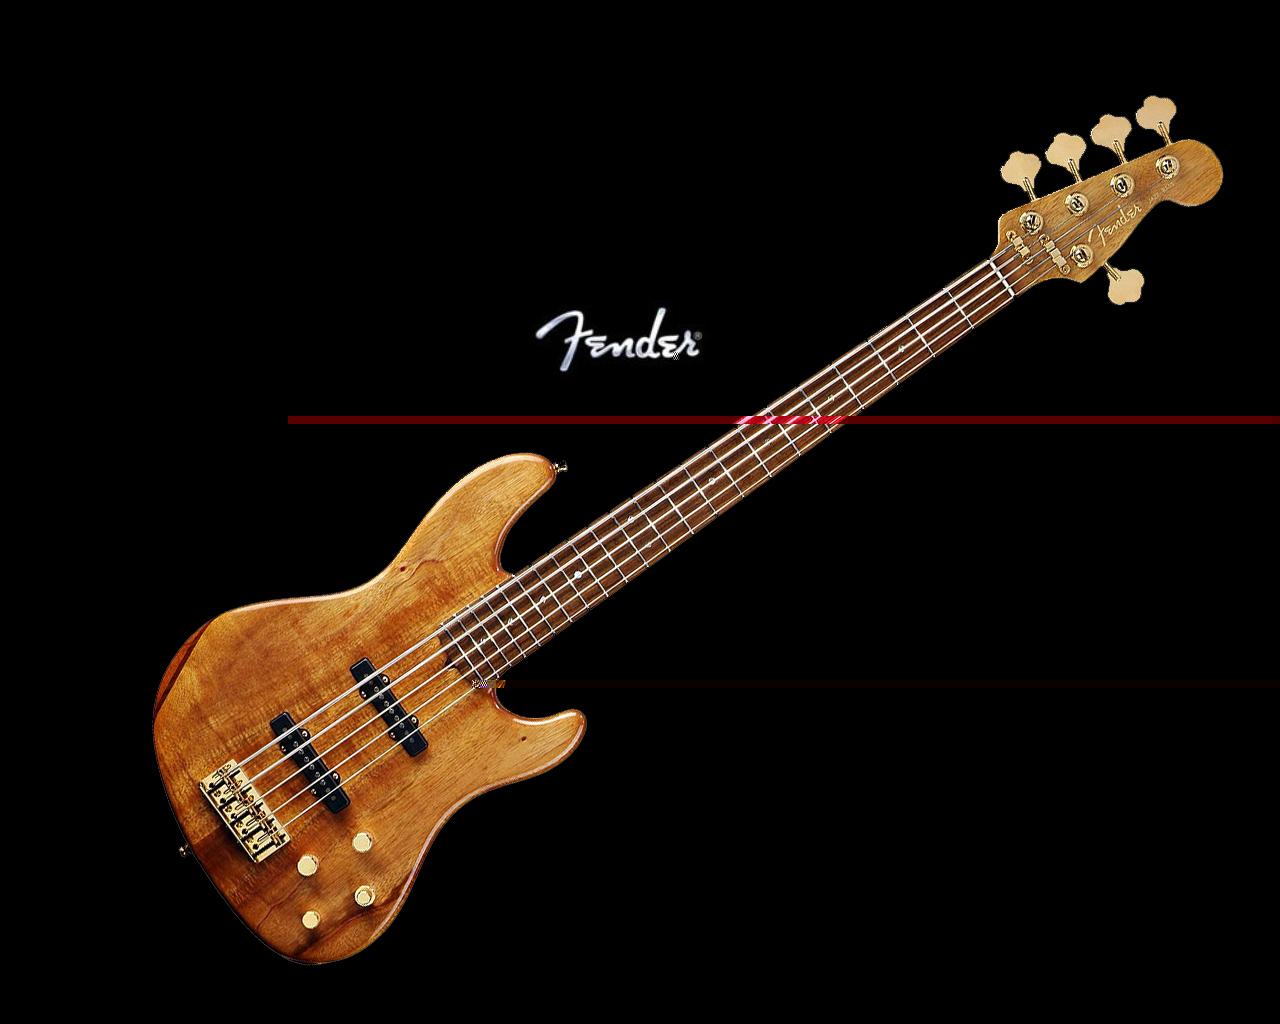 Gallery For gt Fender Bass Guitar Wallpaper 1280x1024